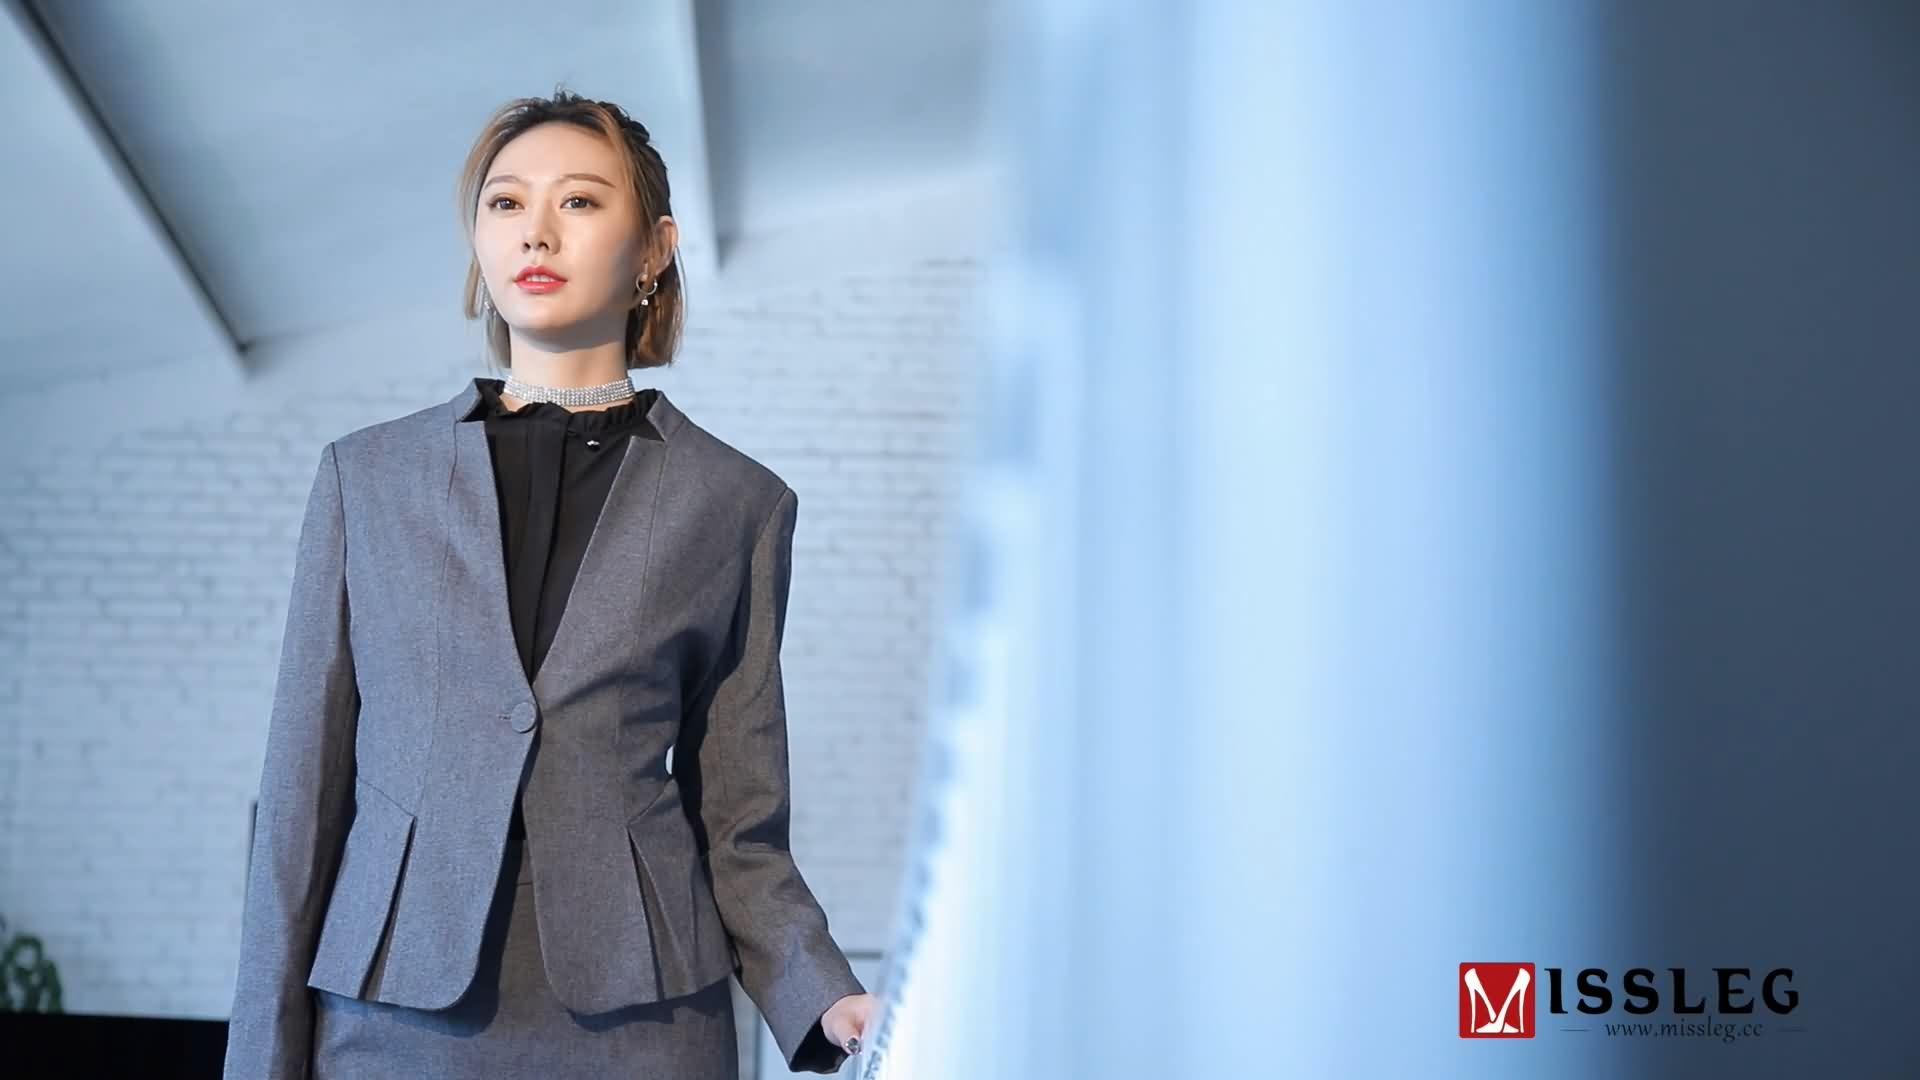 MISSLEG蜜丝钻石 2018.04.20 VF001 OL腿腿腿 付艺轩 [时长06:21分]